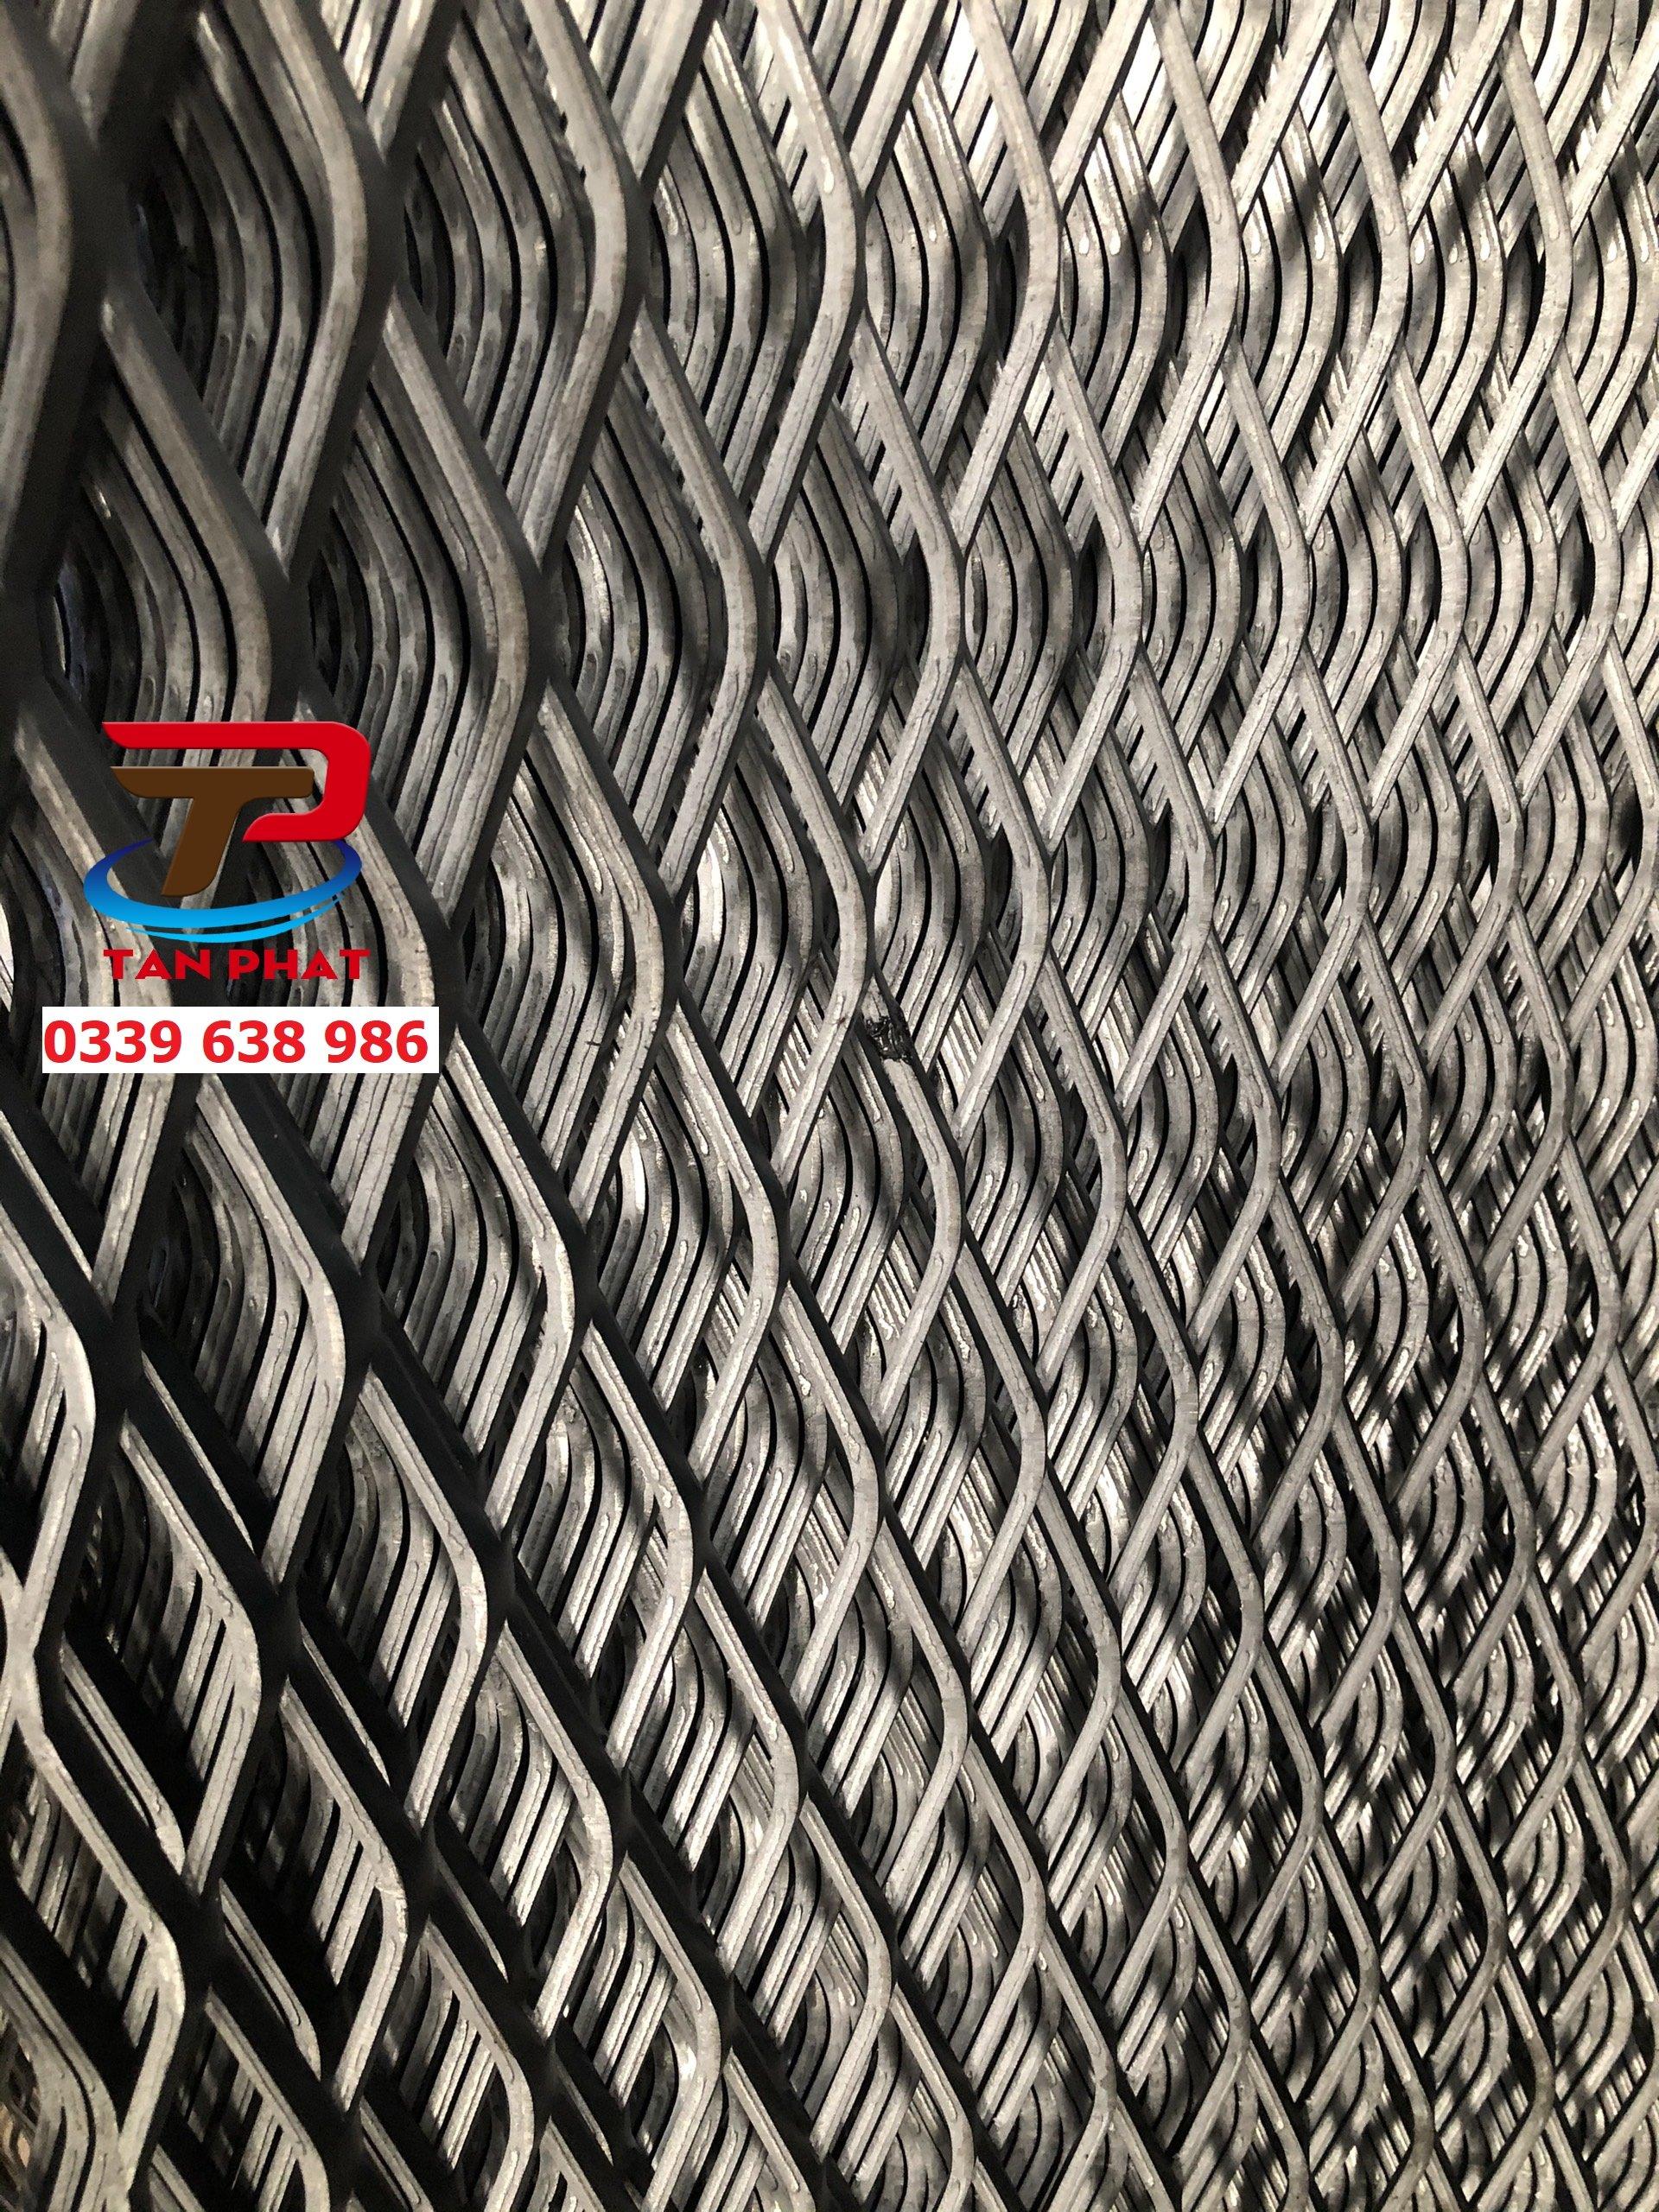 Lưới sắt mắt cáo, lưới mắt cáo,  lưới thép mắt cáo, lưới hình thoi